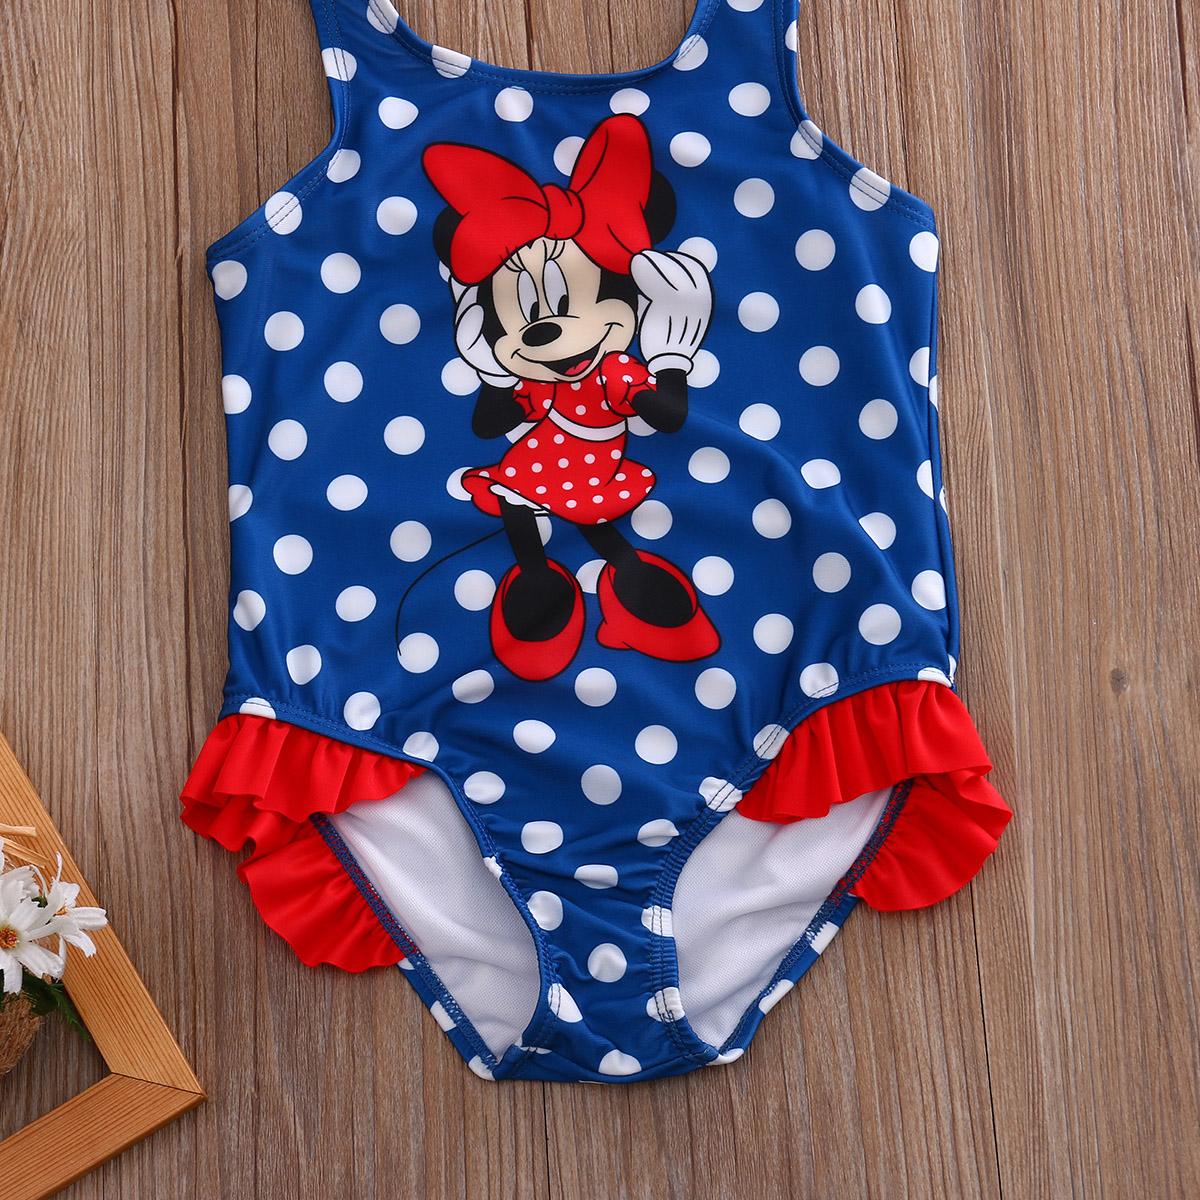 2017 Детский костюм, купальный костюм, купальный костюм в горошек, цельные костюмы для девочек, Танкини с рисунком мышки, От 1 до 5 лет для малыш... 15